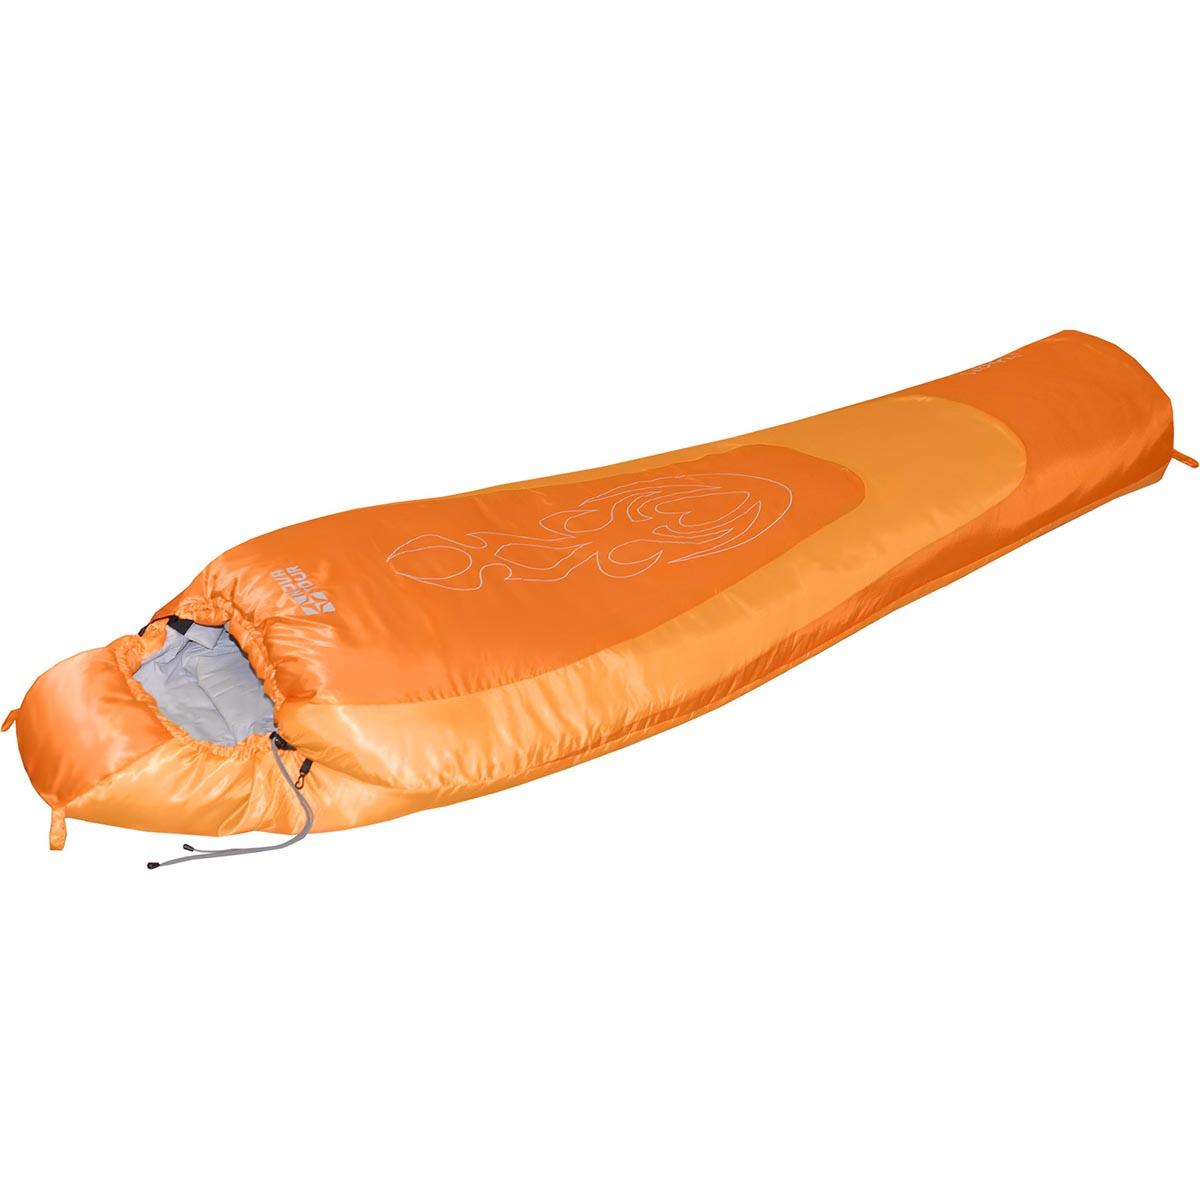 Спальный мешок Nova Tour Сибирь -20 V2, цвет: оранжевый, левосторонняя молнияКальсоны Verticale POLARЗимний спальный мешок Nova Tour Сибирь -20 V2 имеет конструкцию кокон. Оснащен утепленным утягивающимся капюшоном и удобным шейным воротником. Двухзамковая молния позволяет состегнуть два спальных мешка левого и правого исполнения в один двойной. Особенности:Шейный утепляющий воротник.Планка утепляющая молнию.Разъемная двухзамковая молния.Состегивающаяся молния.Компрессионный мешок в комплекте.